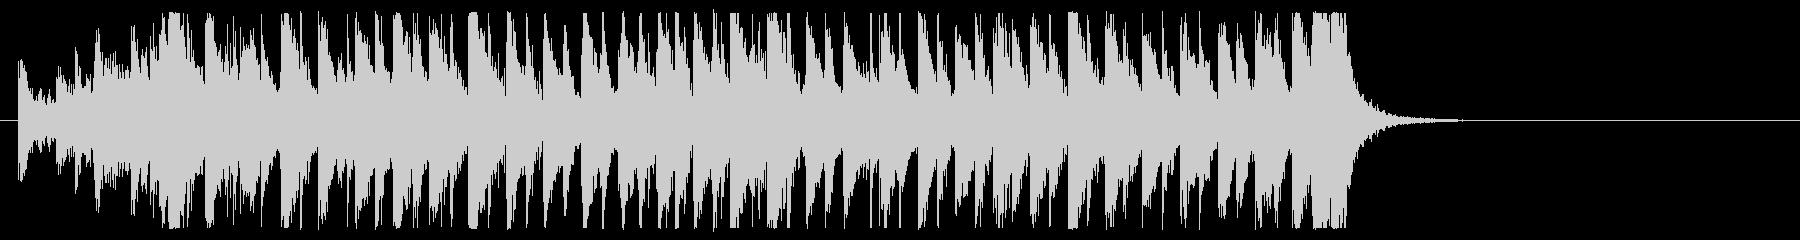 三味線と太鼓のアンサンブルの未再生の波形